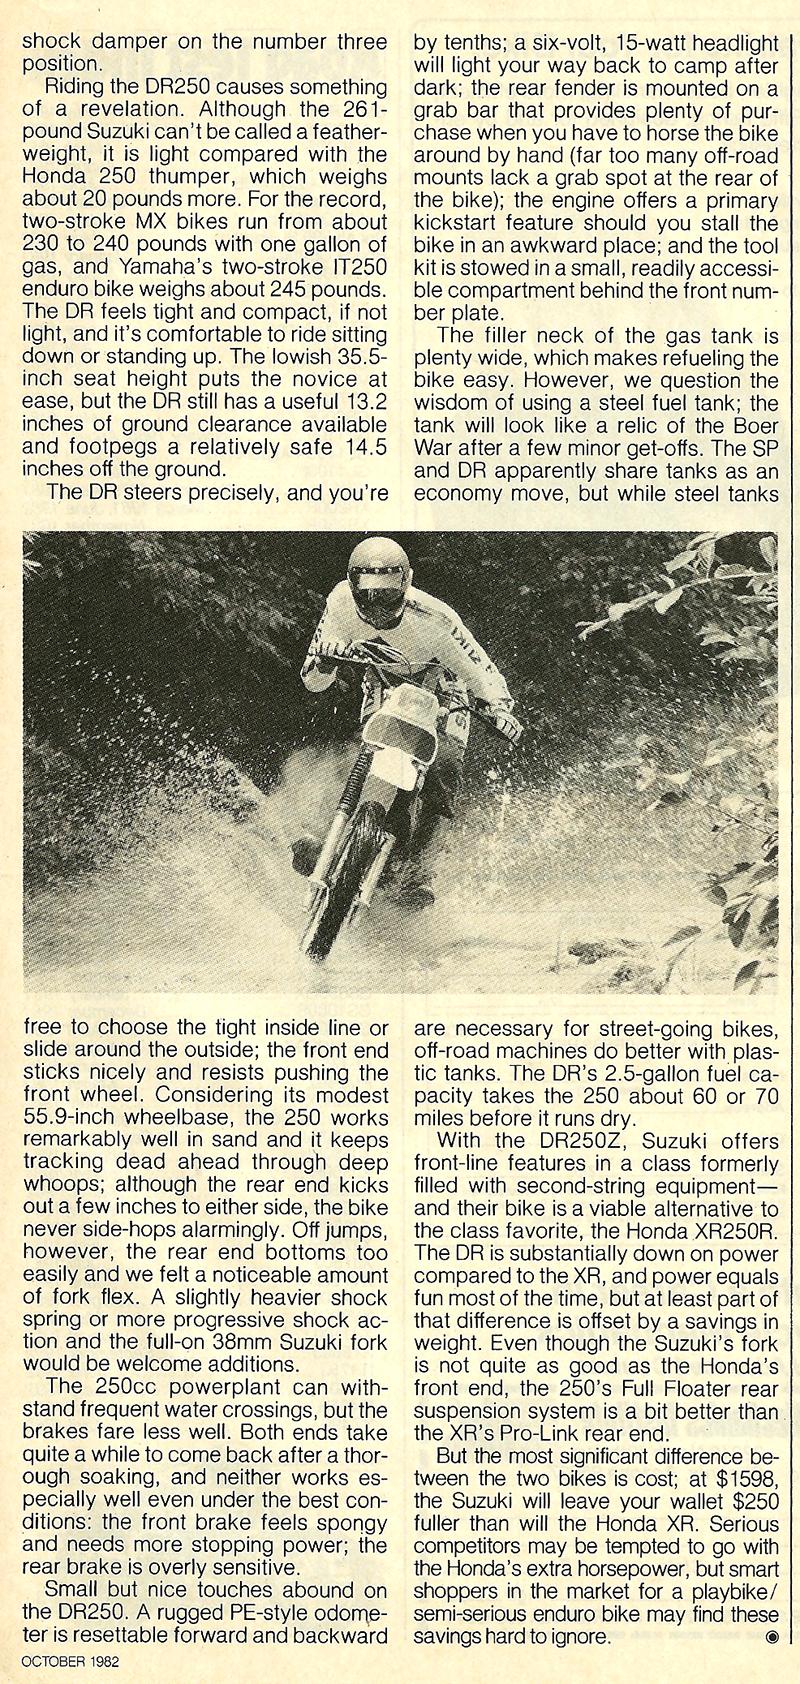 1982 Suzuki DR250Z road test 8.jpg